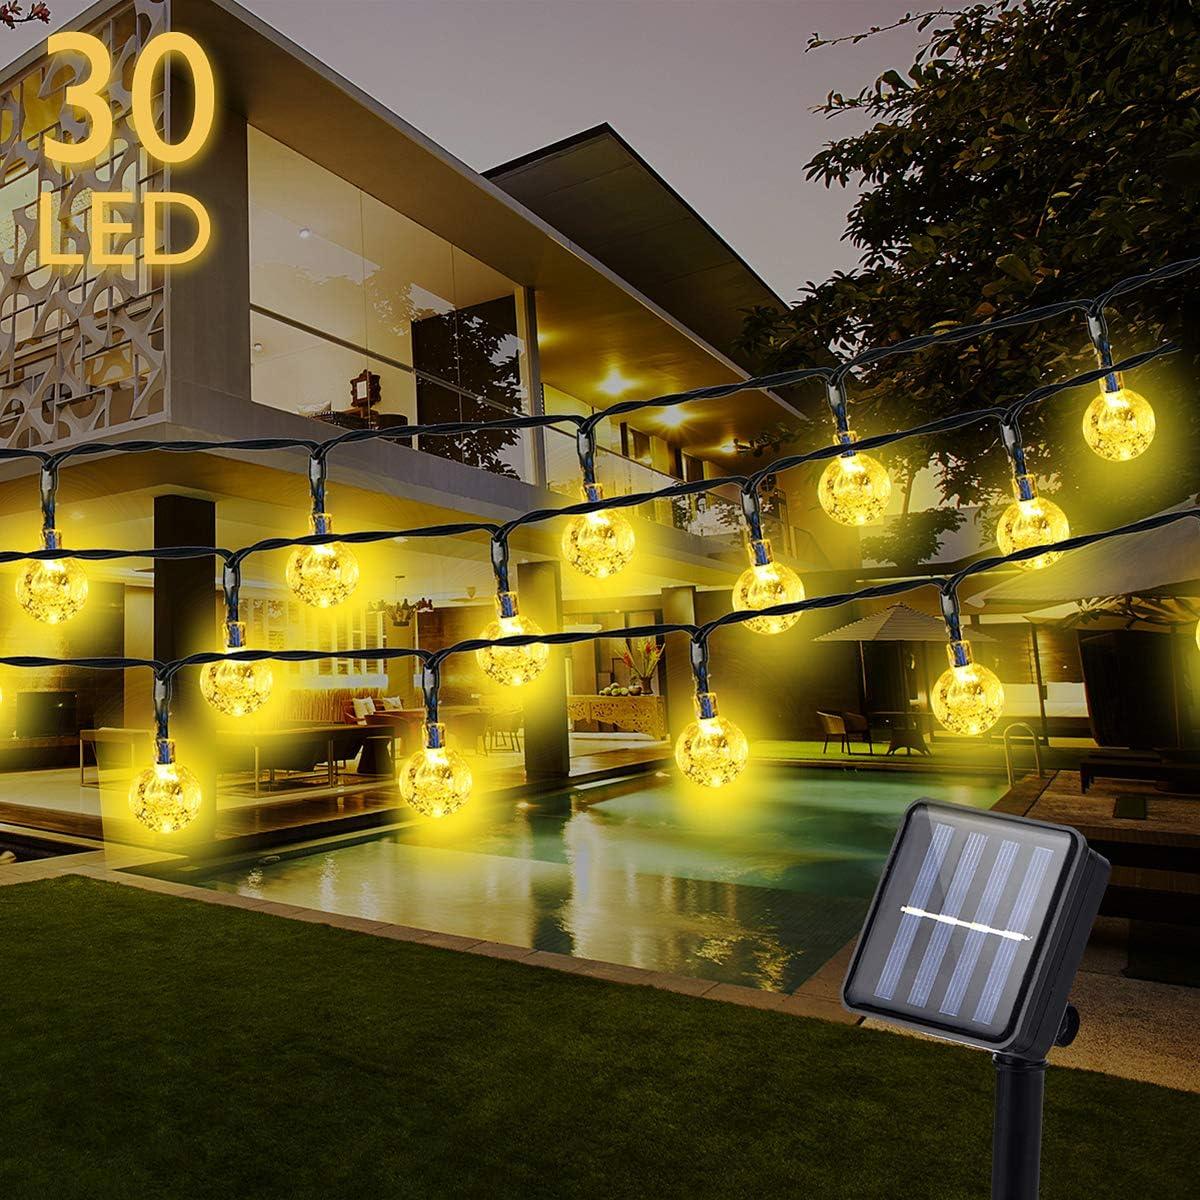 30LED Lichterkette Außen Kristallbälle Solarlichterkette Garten Beleuchtung HD